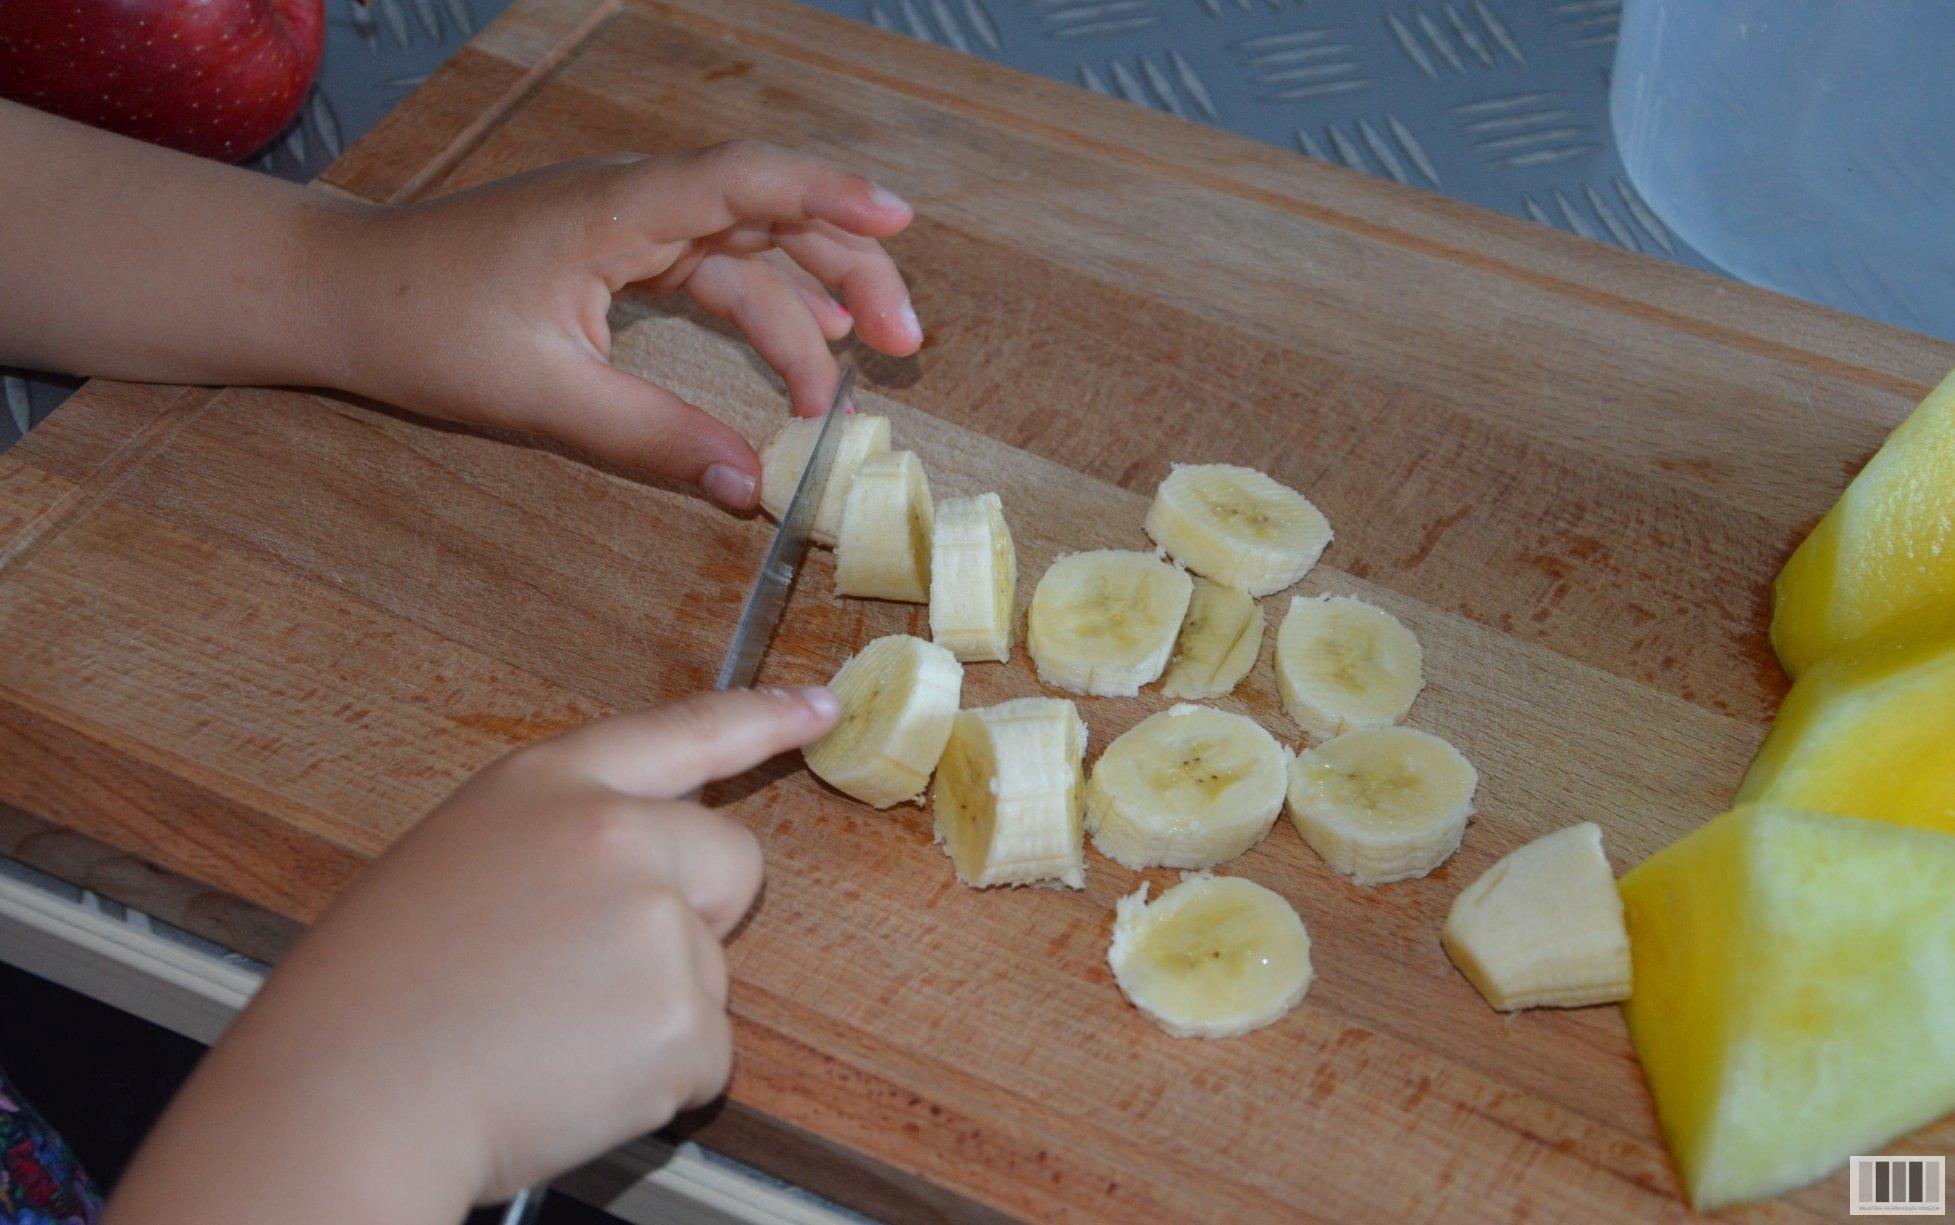 Zdrowe przekąski<br>warsztat z dietetykiem